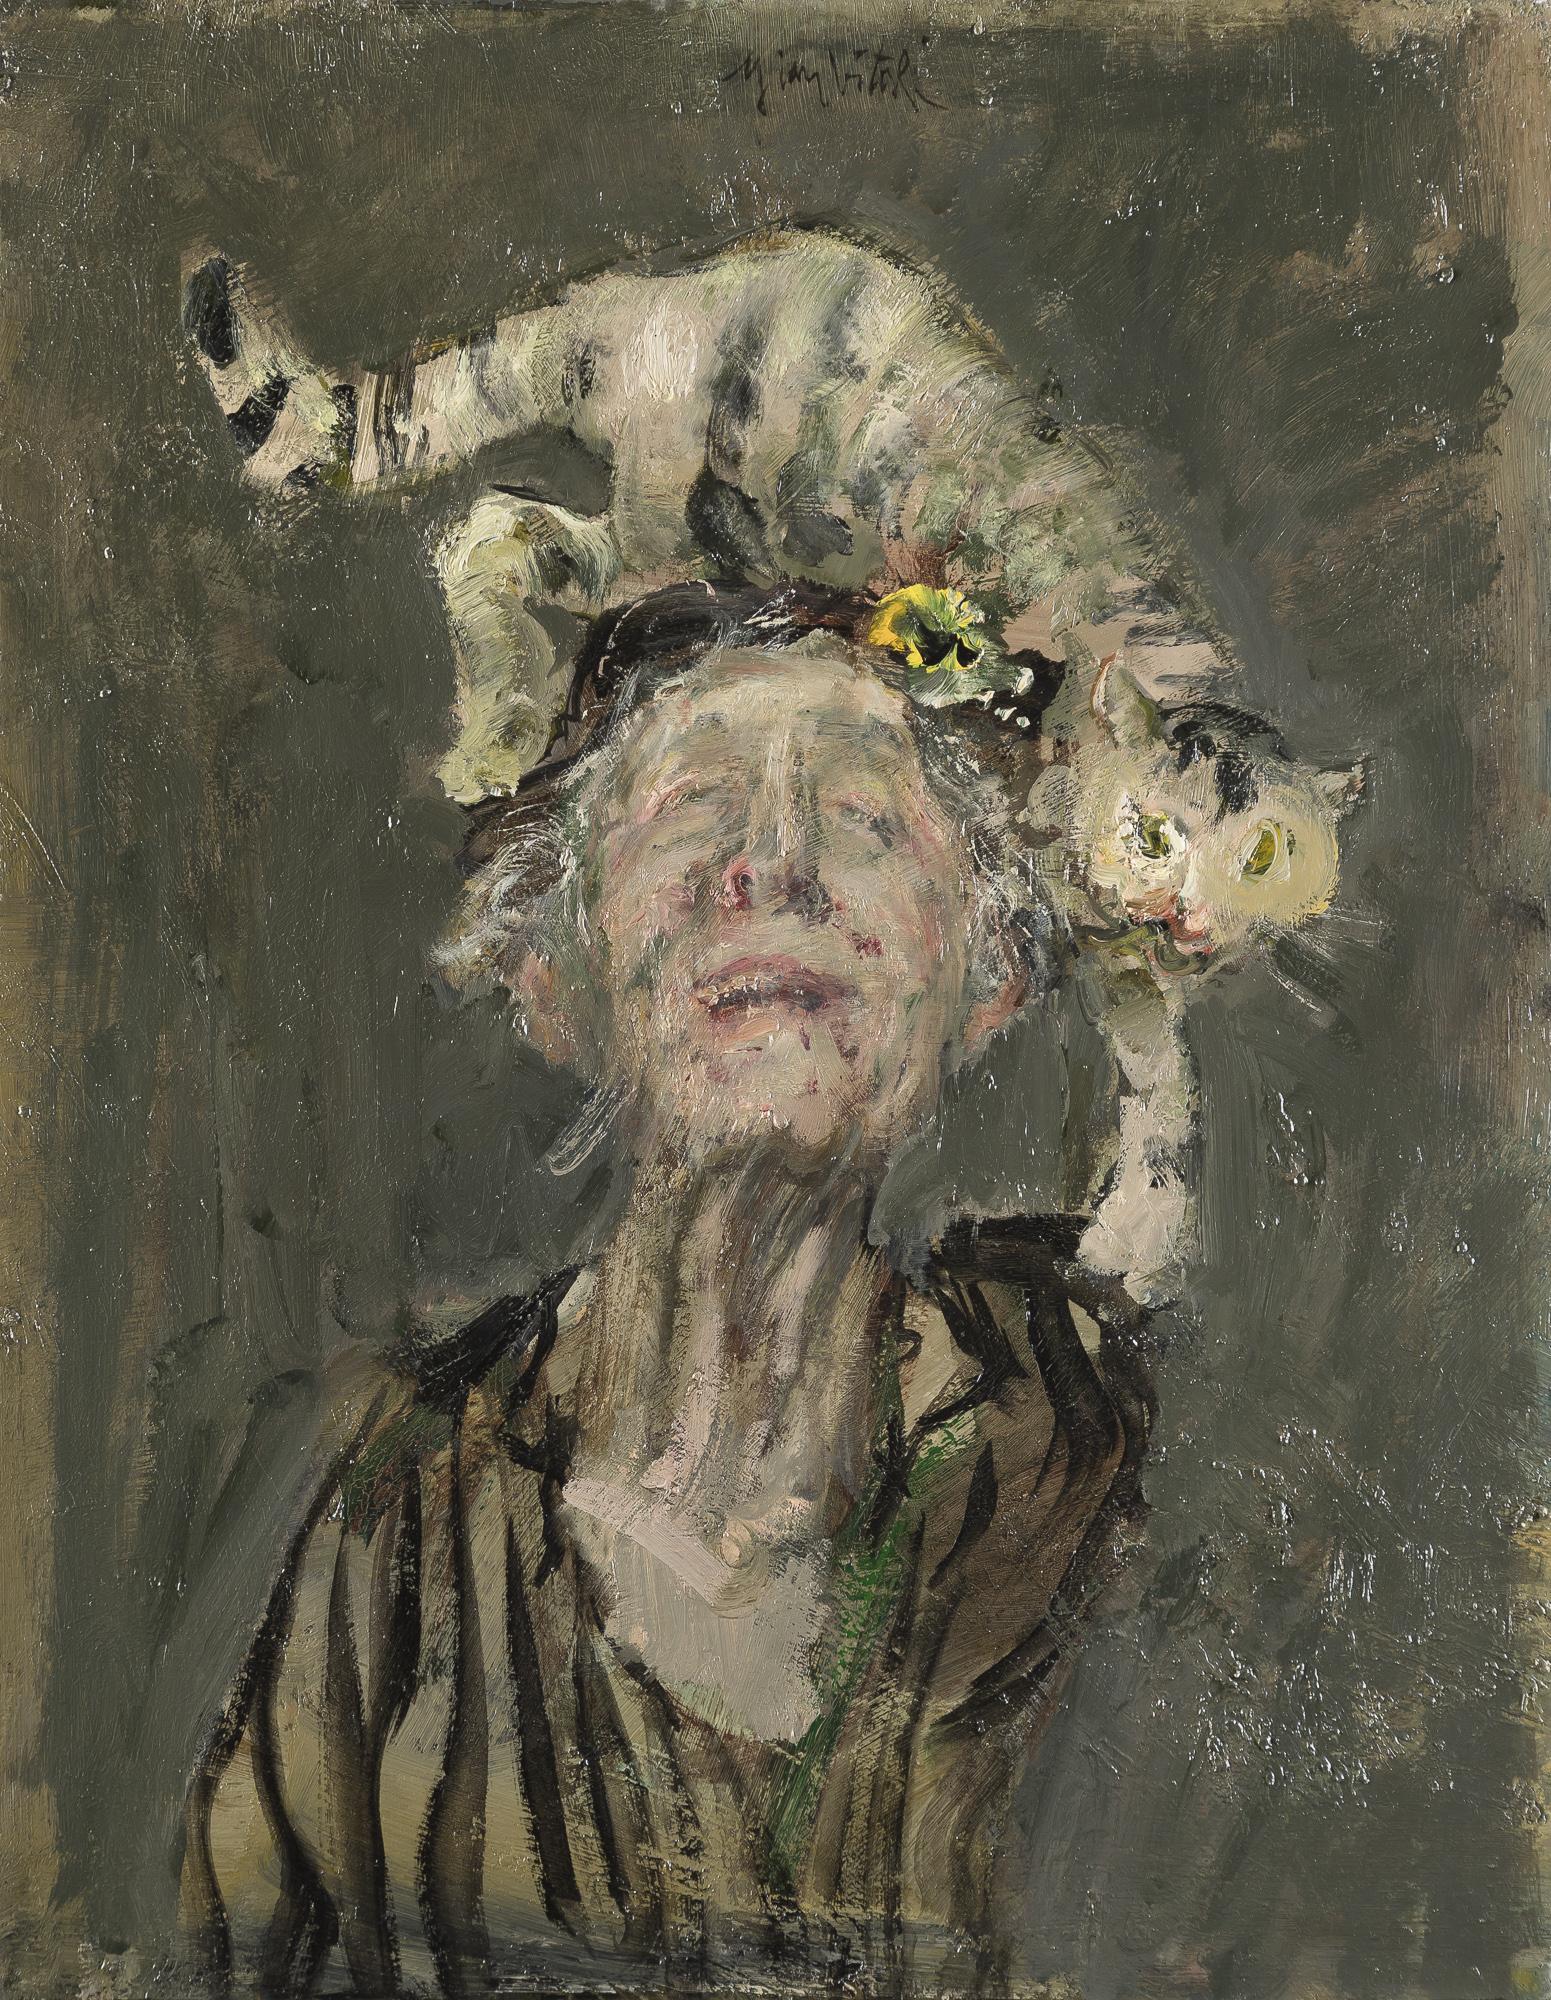 Dama dei gatti, 1985